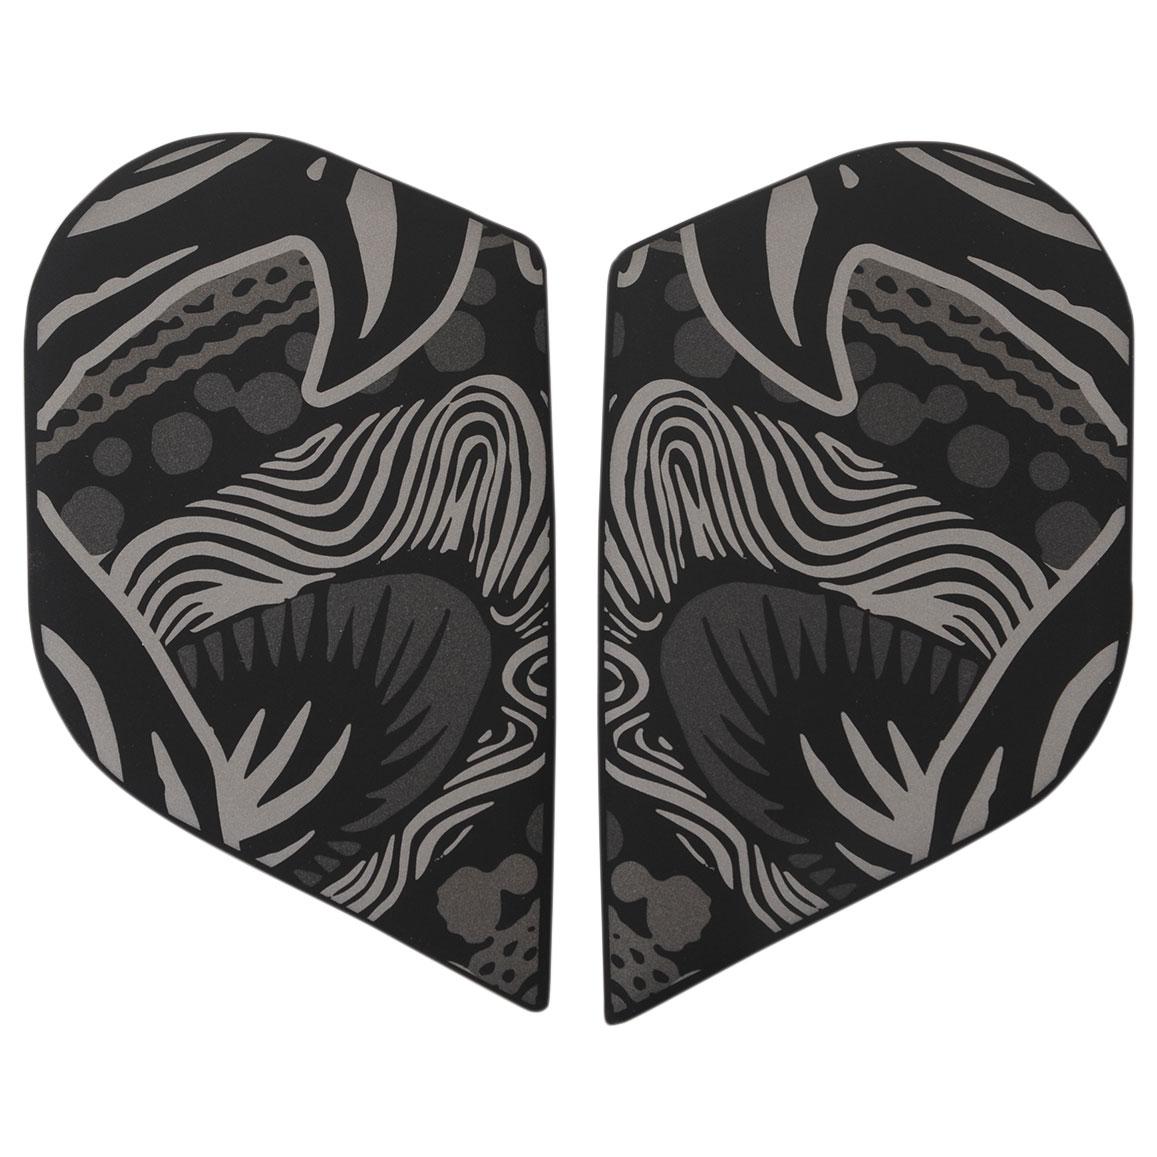 ICON Alliance Oro Boros Black Sideplates